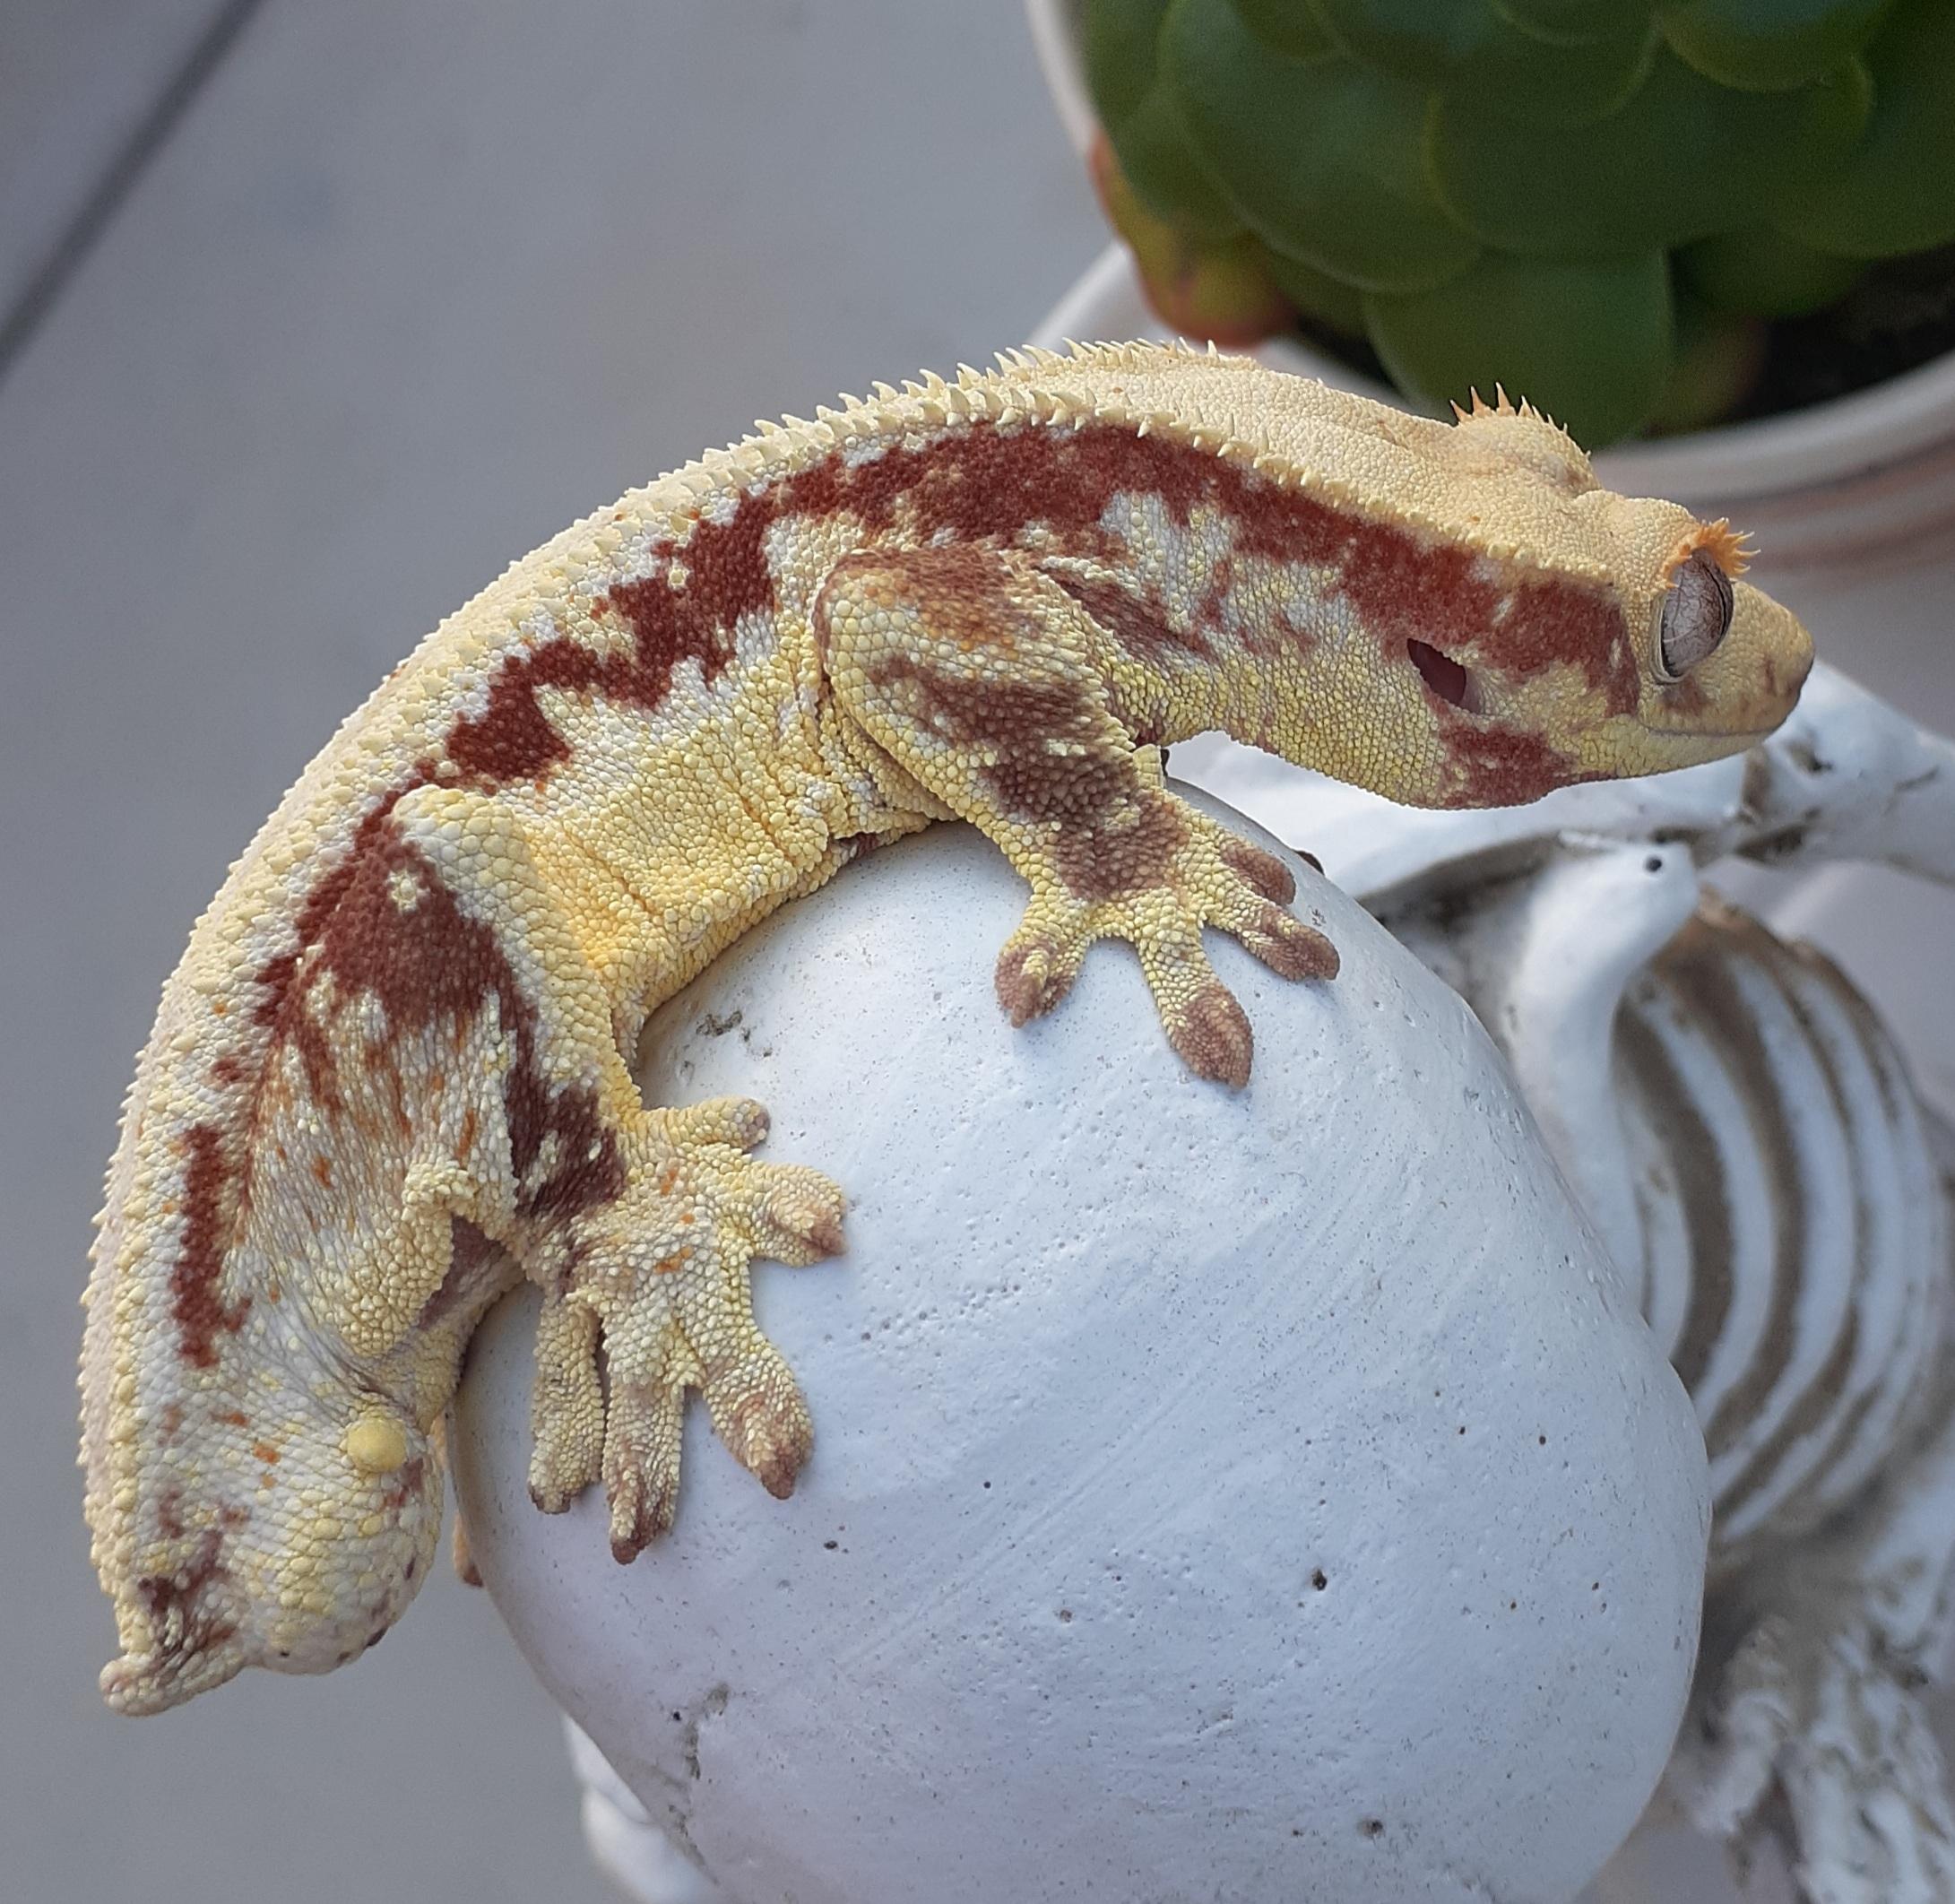 albino crested gecko